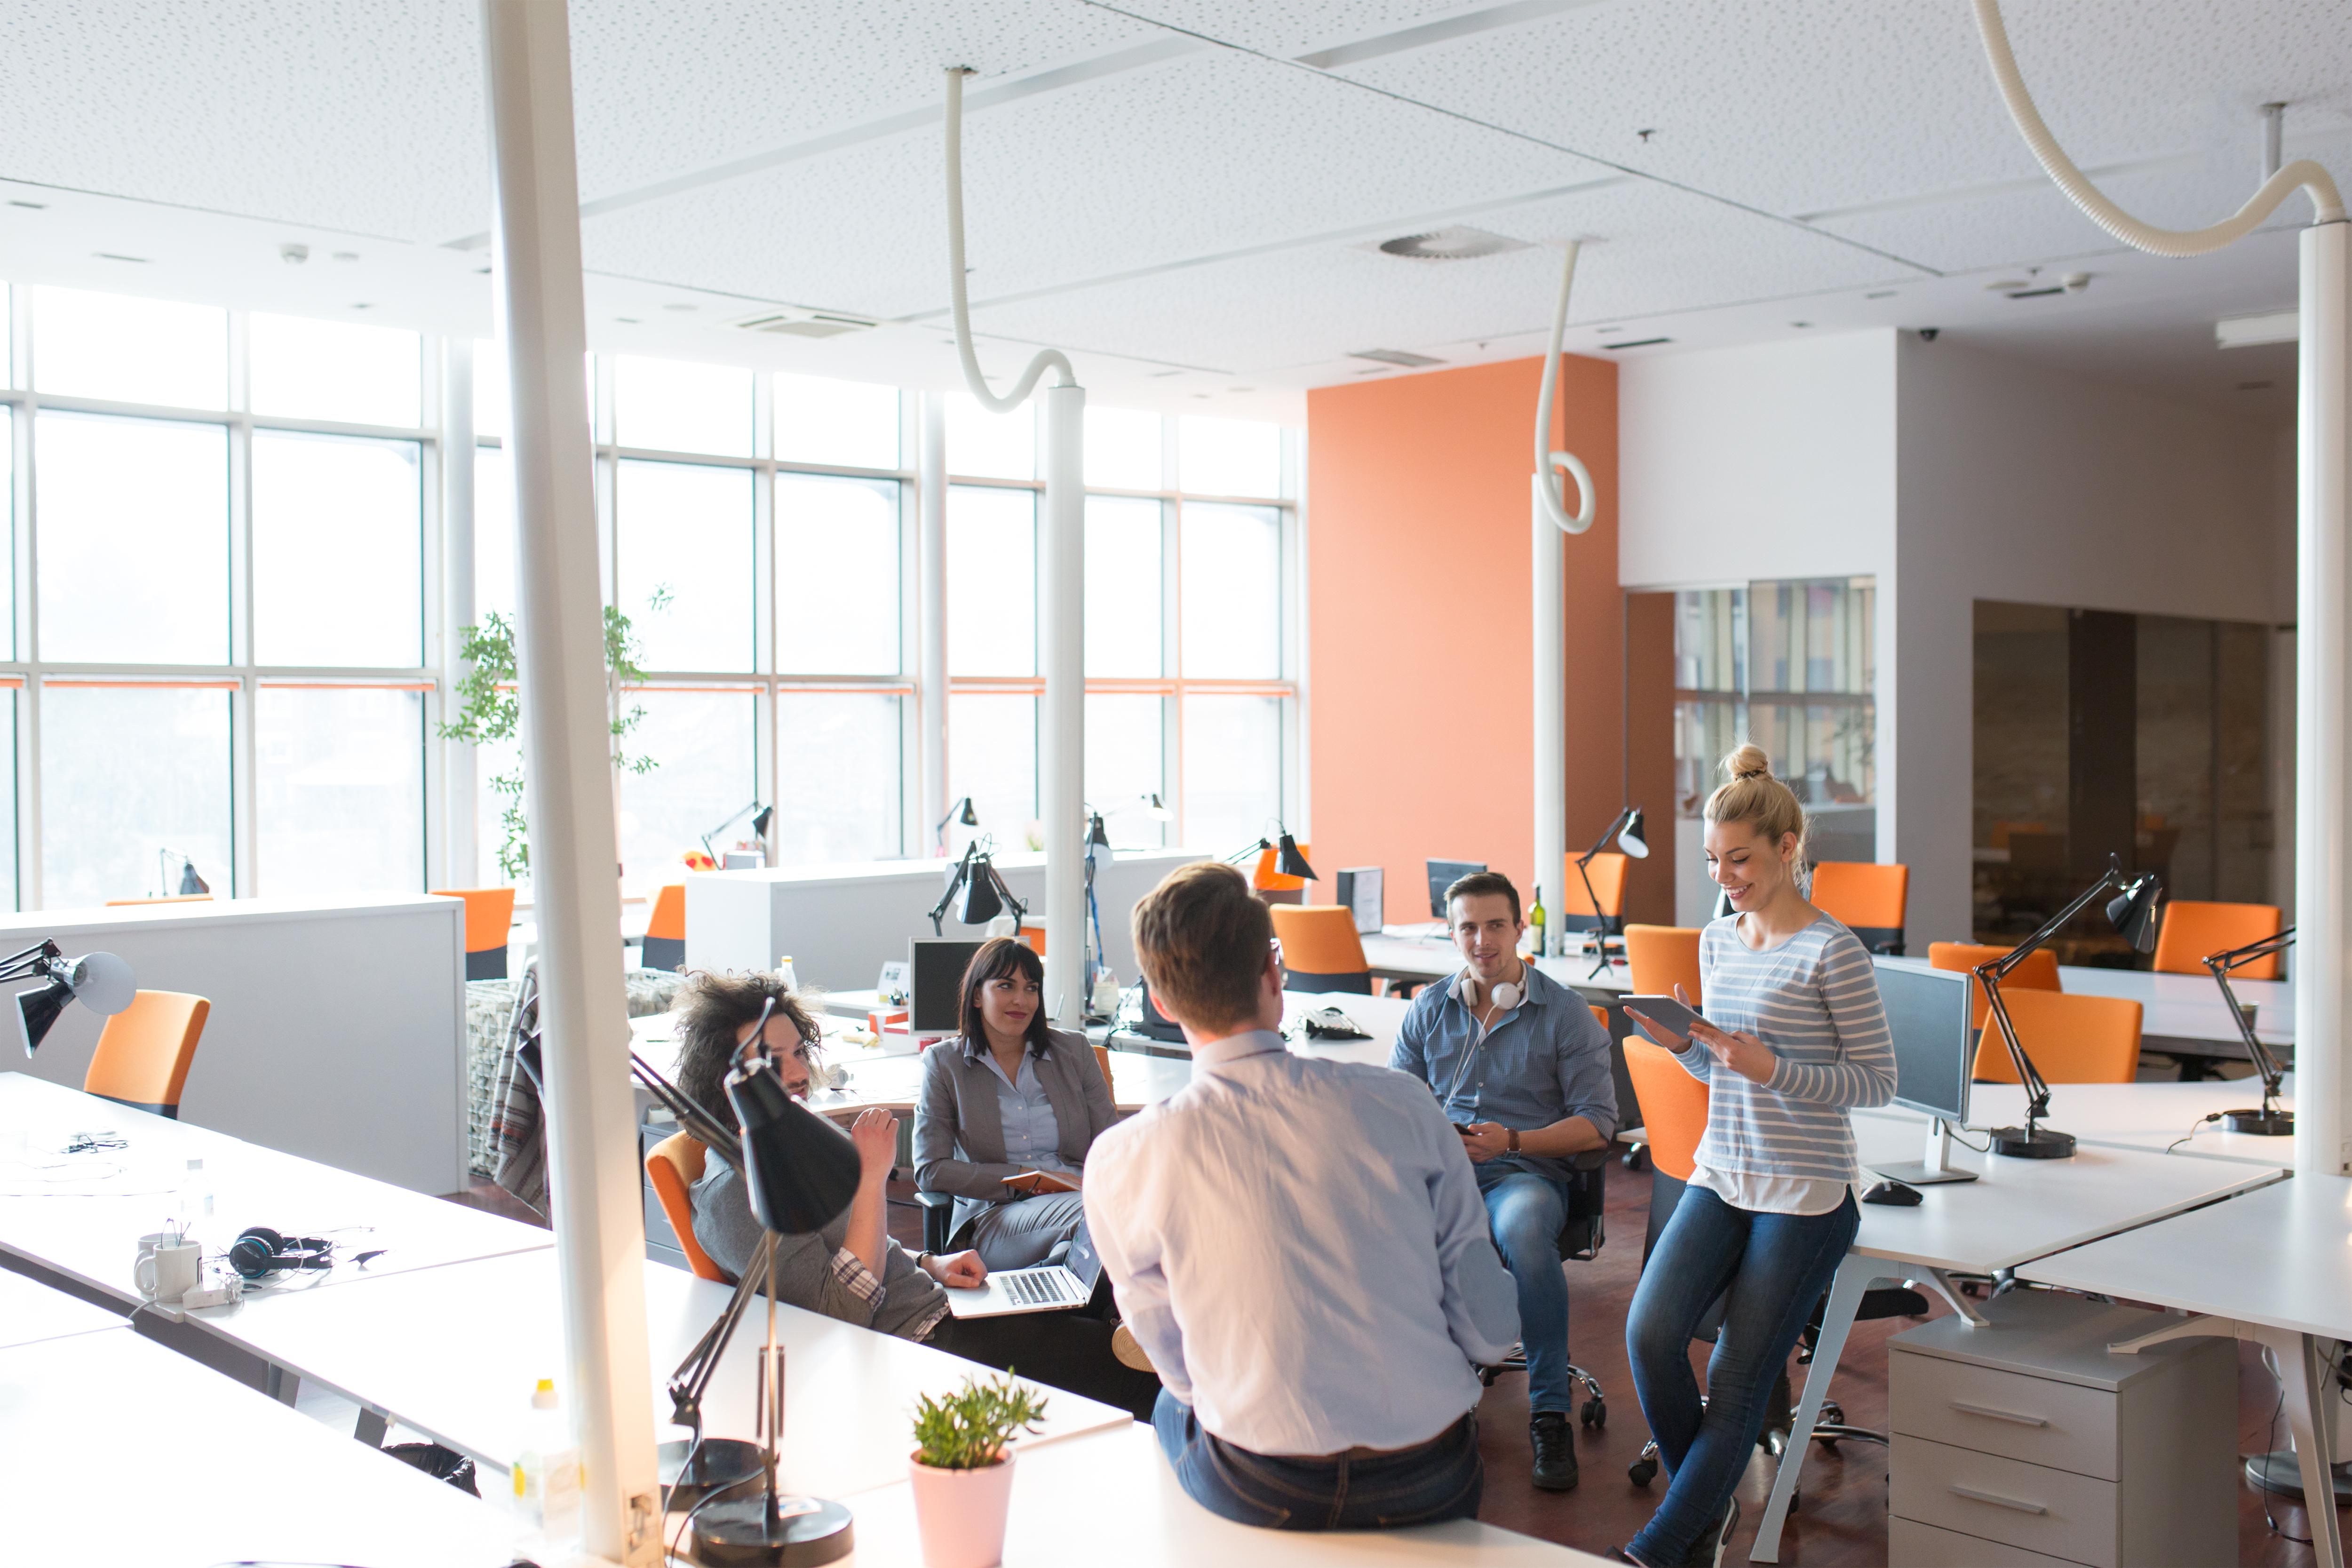 Interior Design Jobs Boston Interior Design Cover Letter Ui Designer Sample Guamreview Com